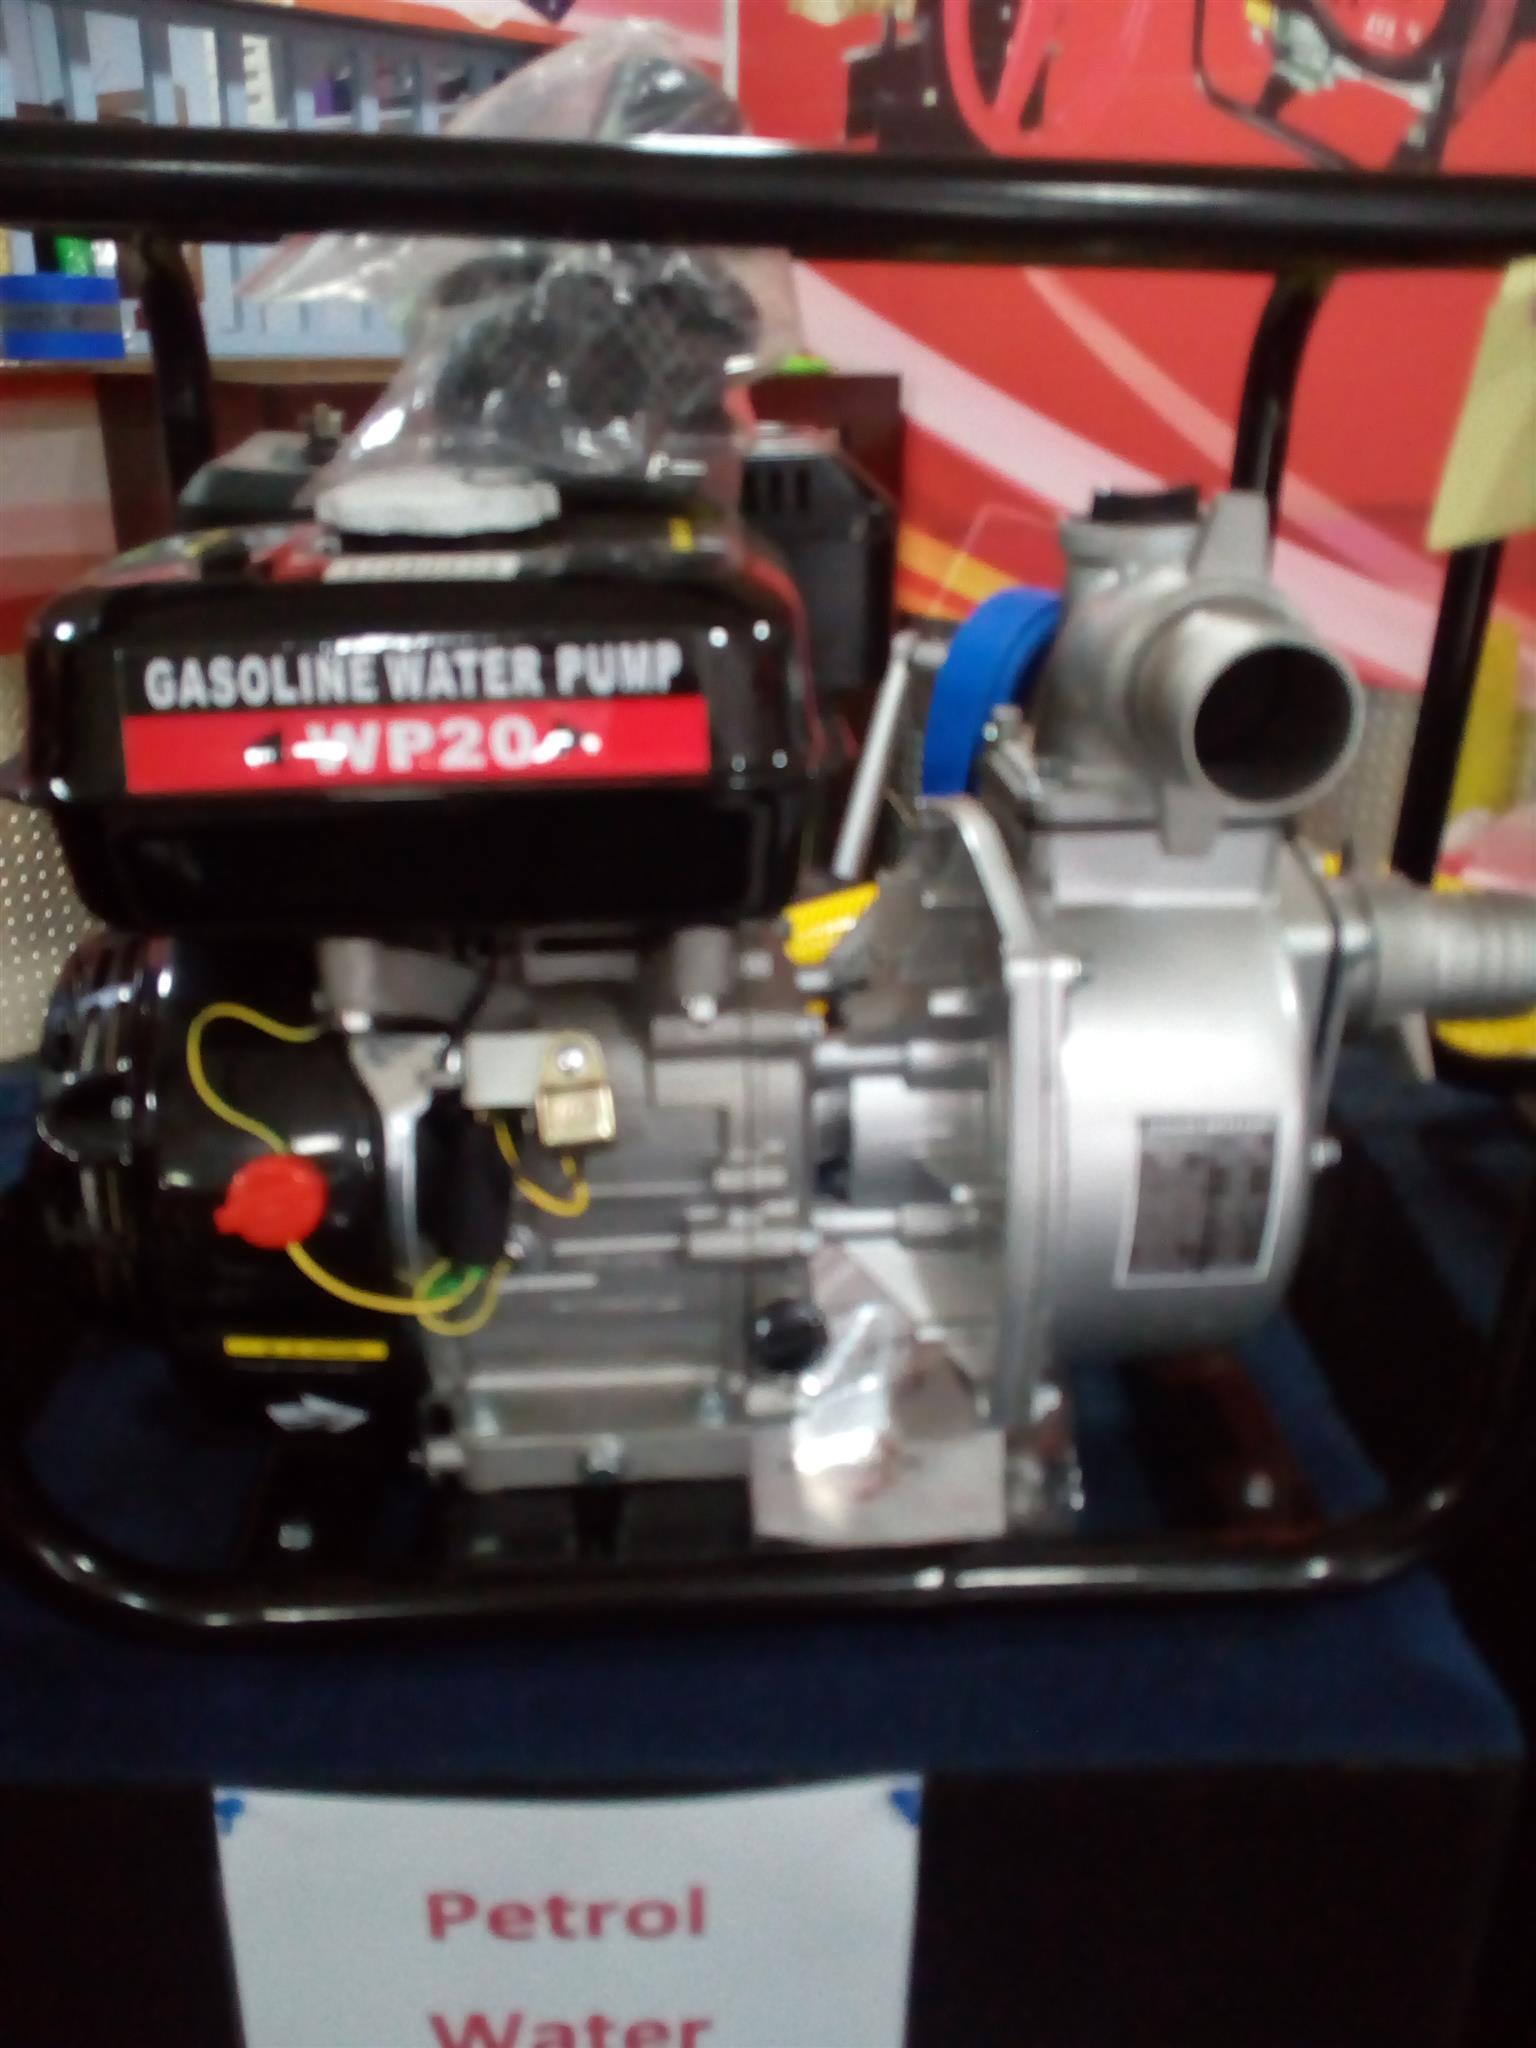 Magnum petrol water pump 2 inch